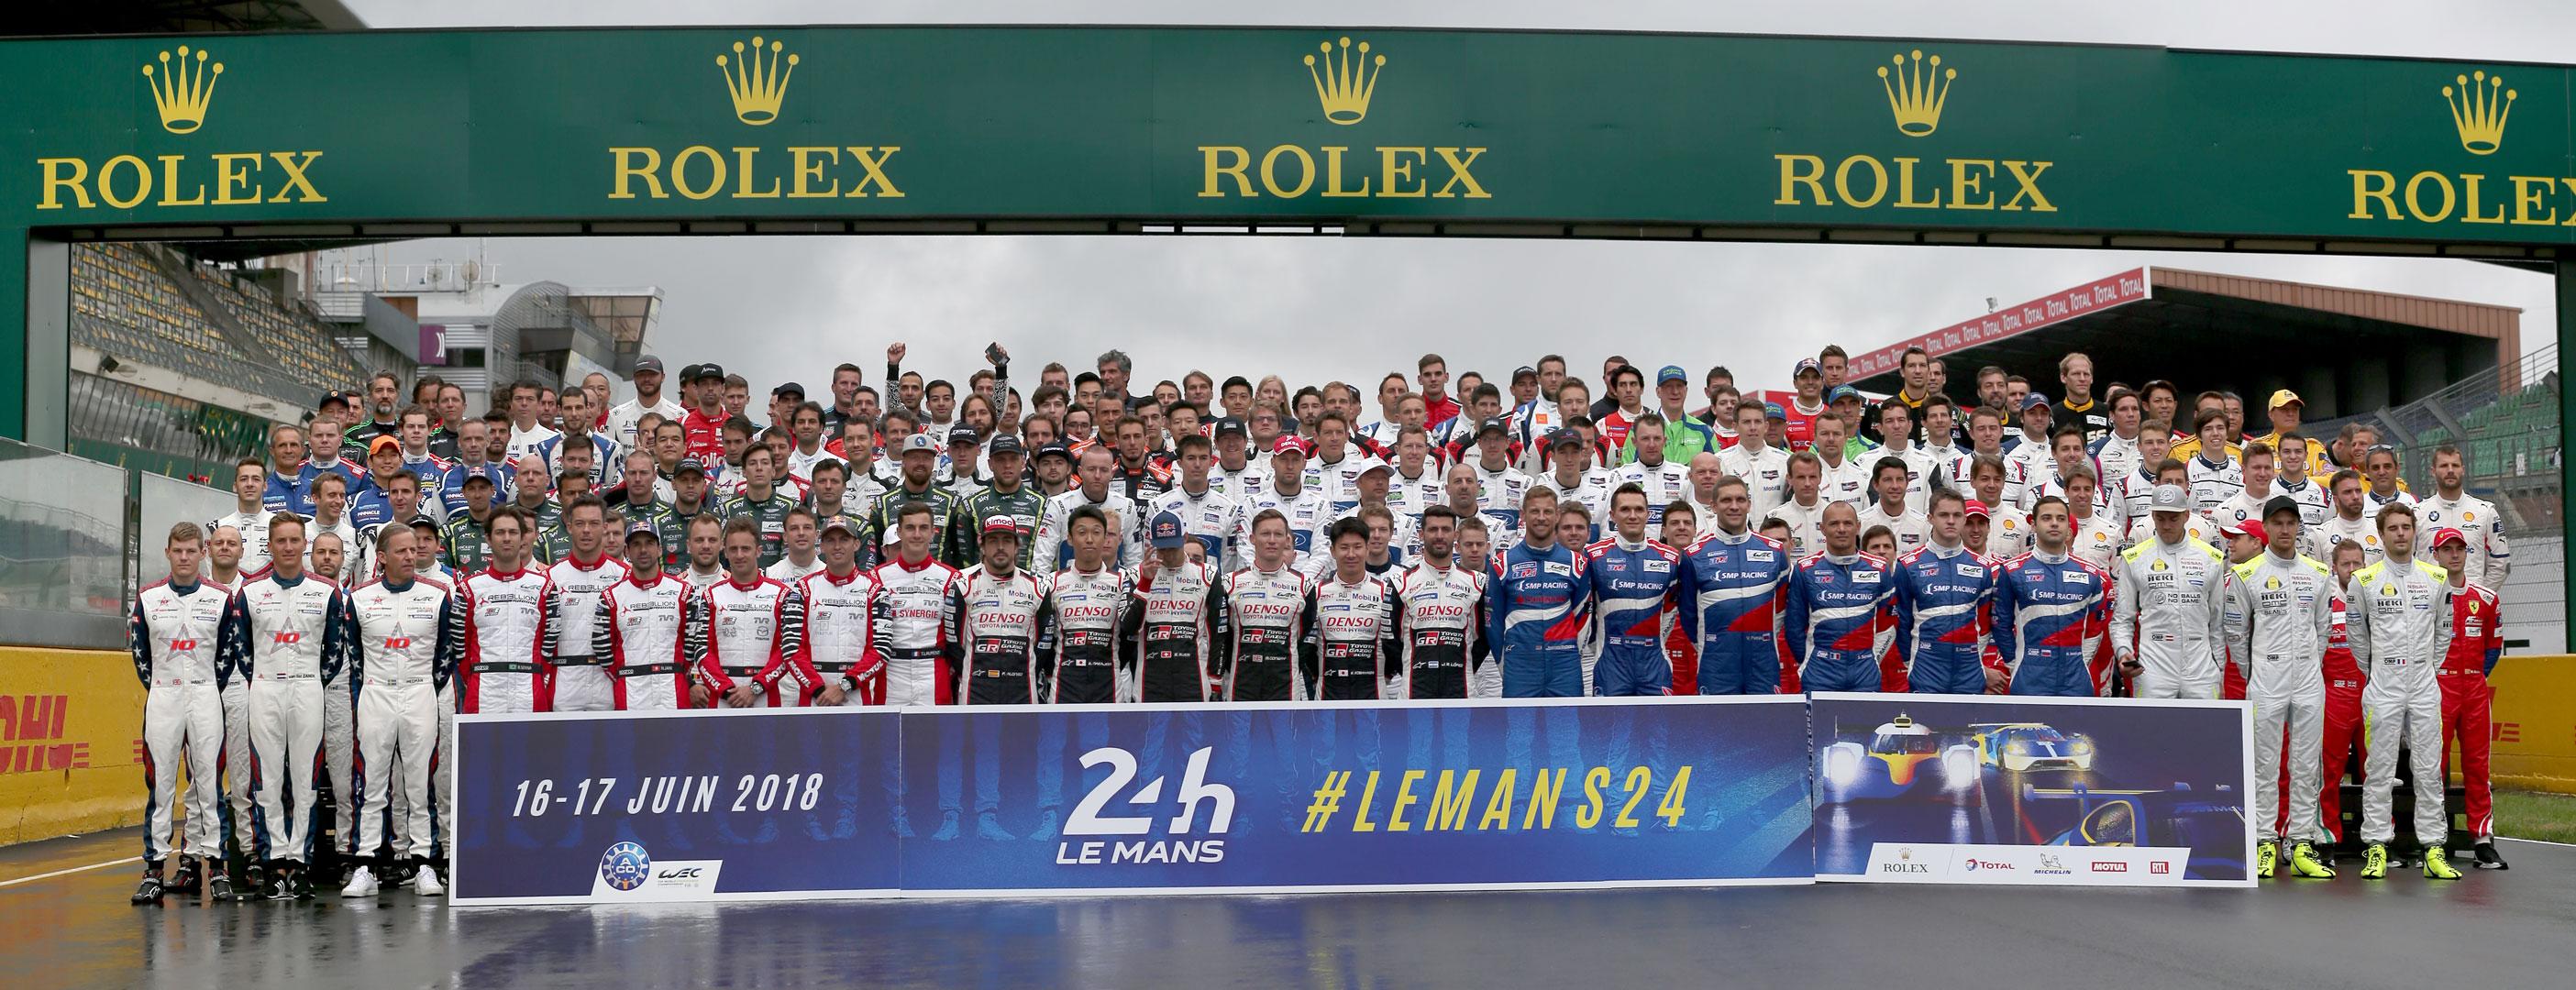 Le Mans 2018 drivers